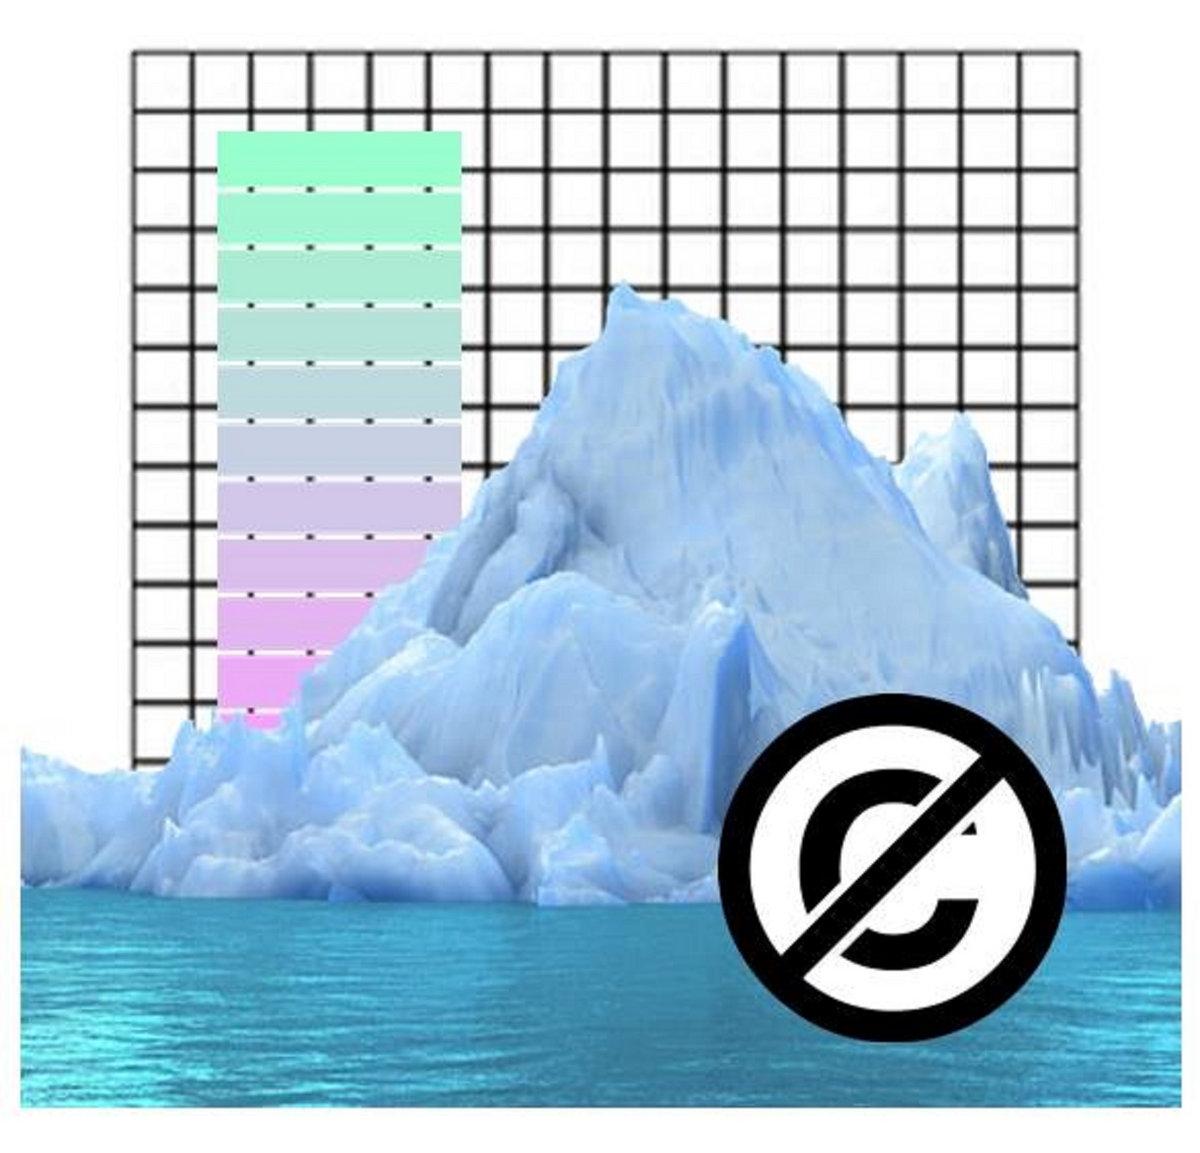 Photoshop Blend Modes Explained - Photo Blog